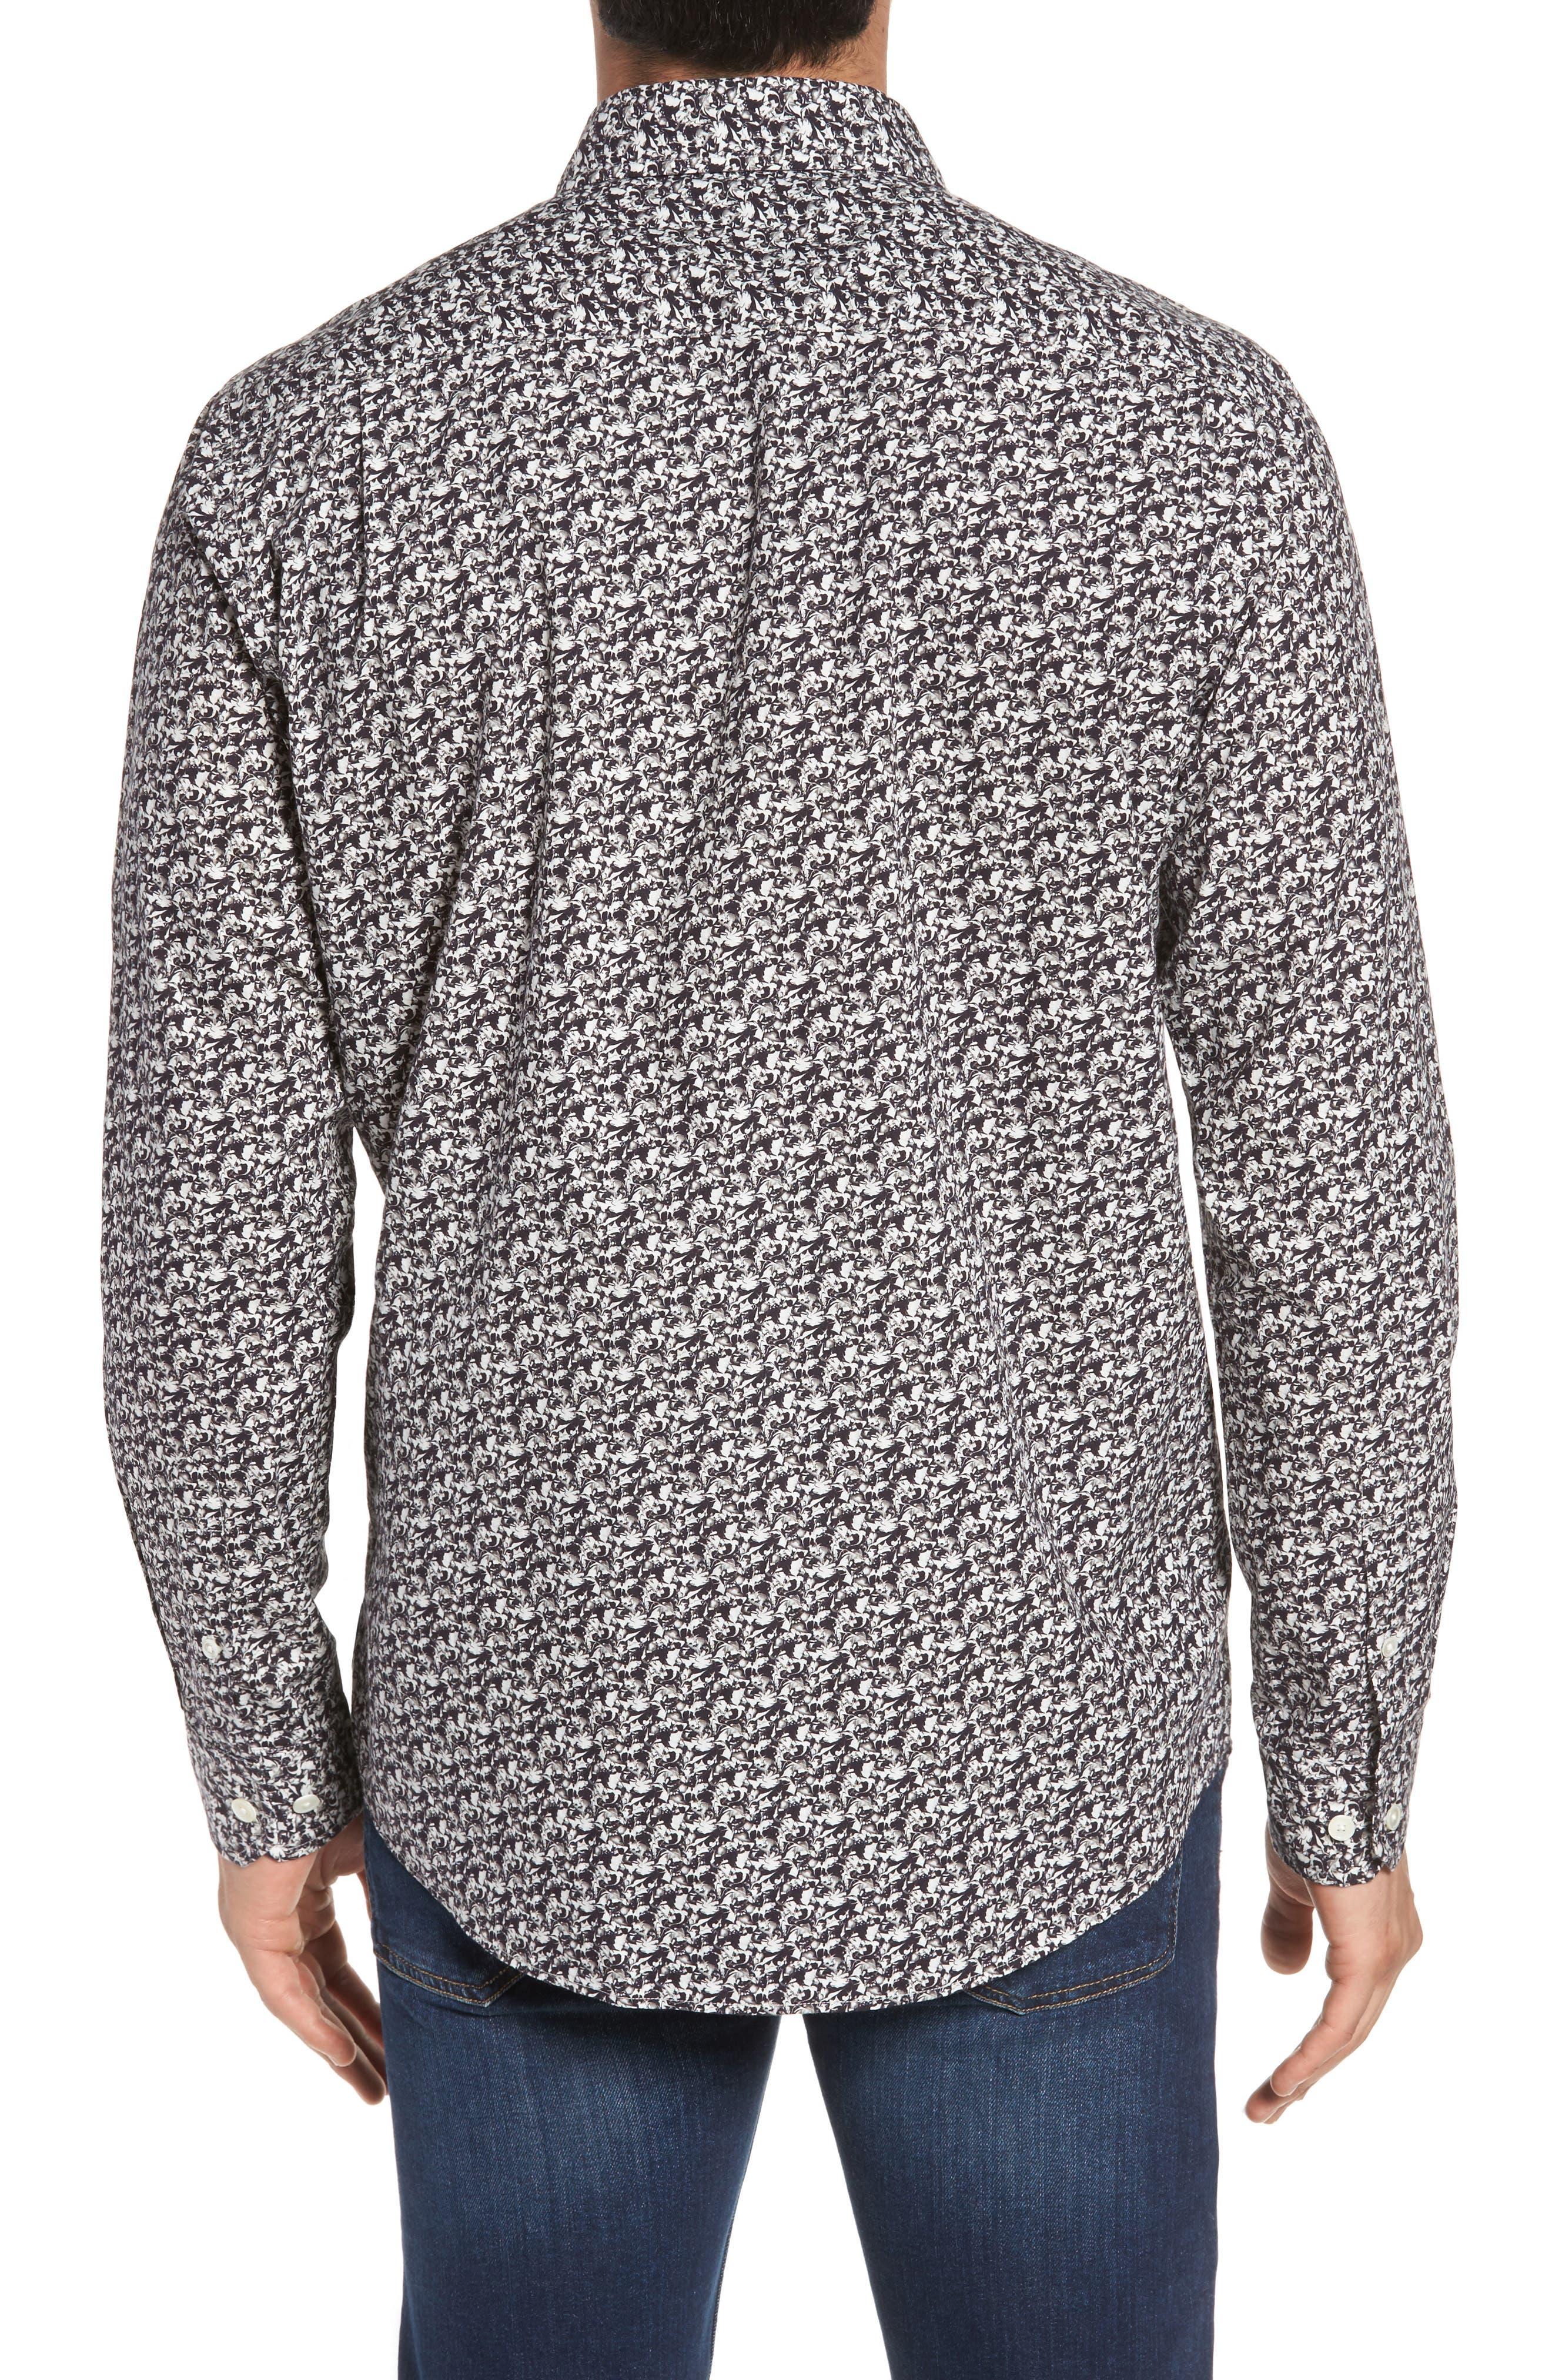 Alternate Image 2  - Rodd & Gunn Bucklands Beach Print Sport Shirt